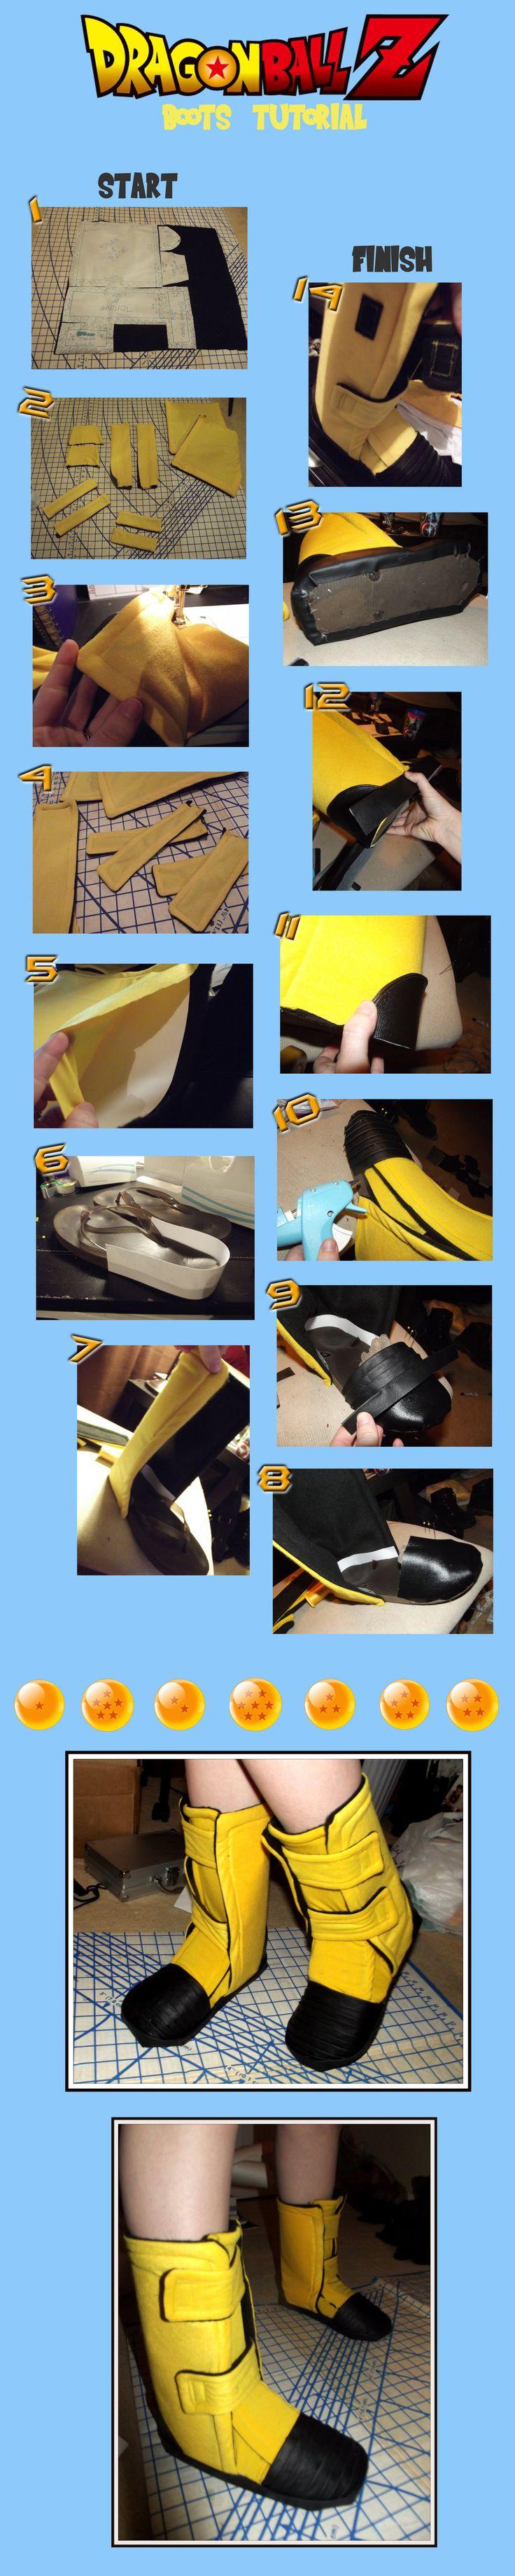 Dragonball Z Boots Tutorial by BeautifulSynCosplay.deviantart.com on @deviantART